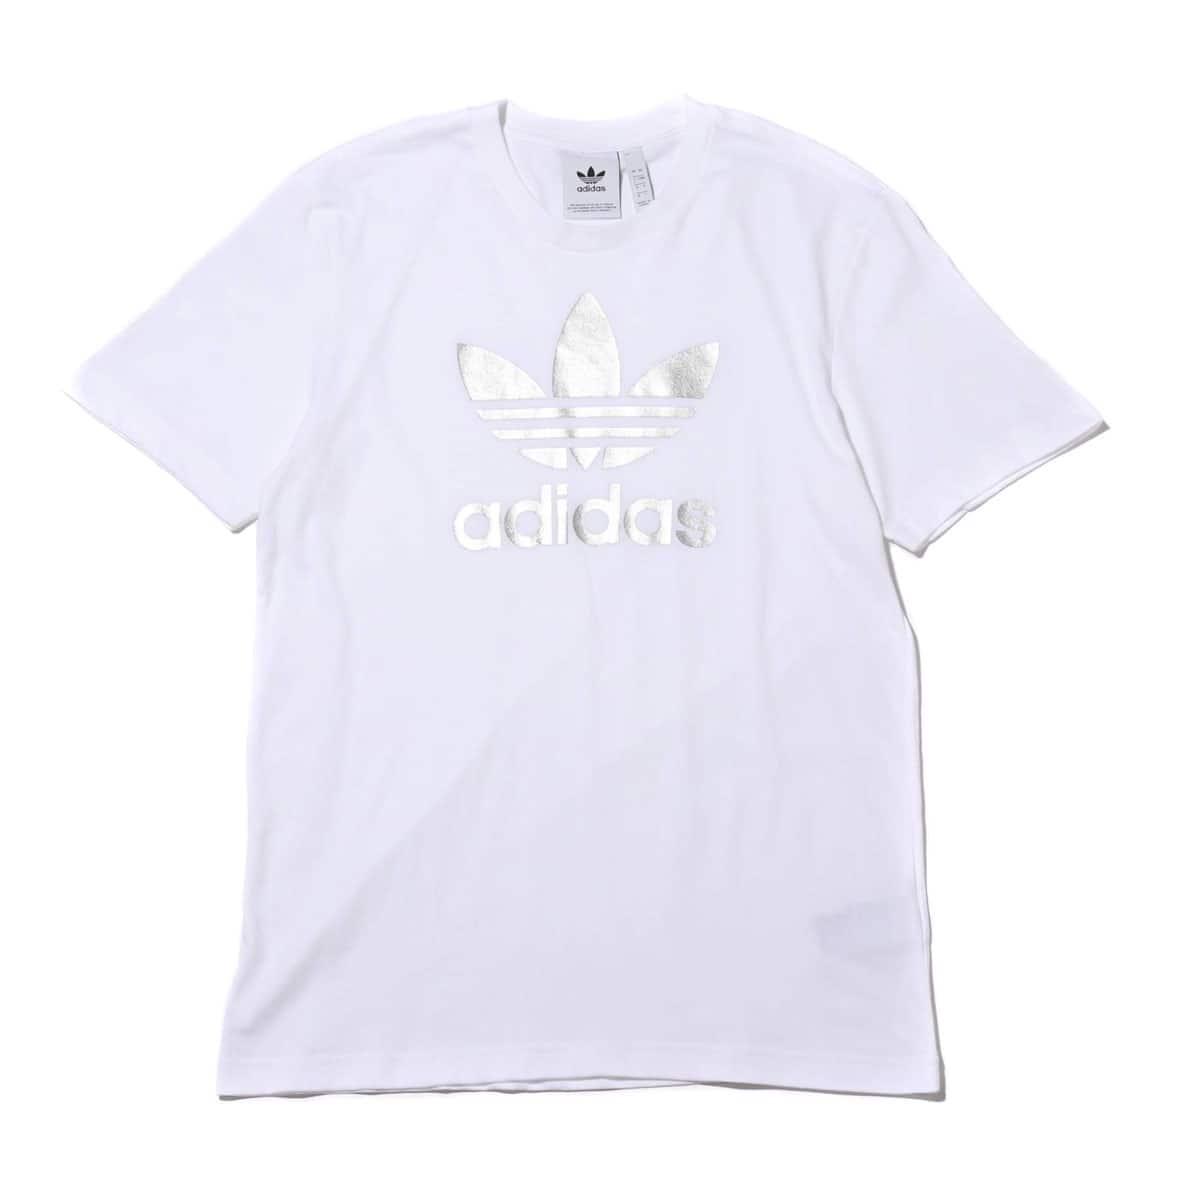 adidas TREFOIL TEE WHITE 19FW-I_photo_large